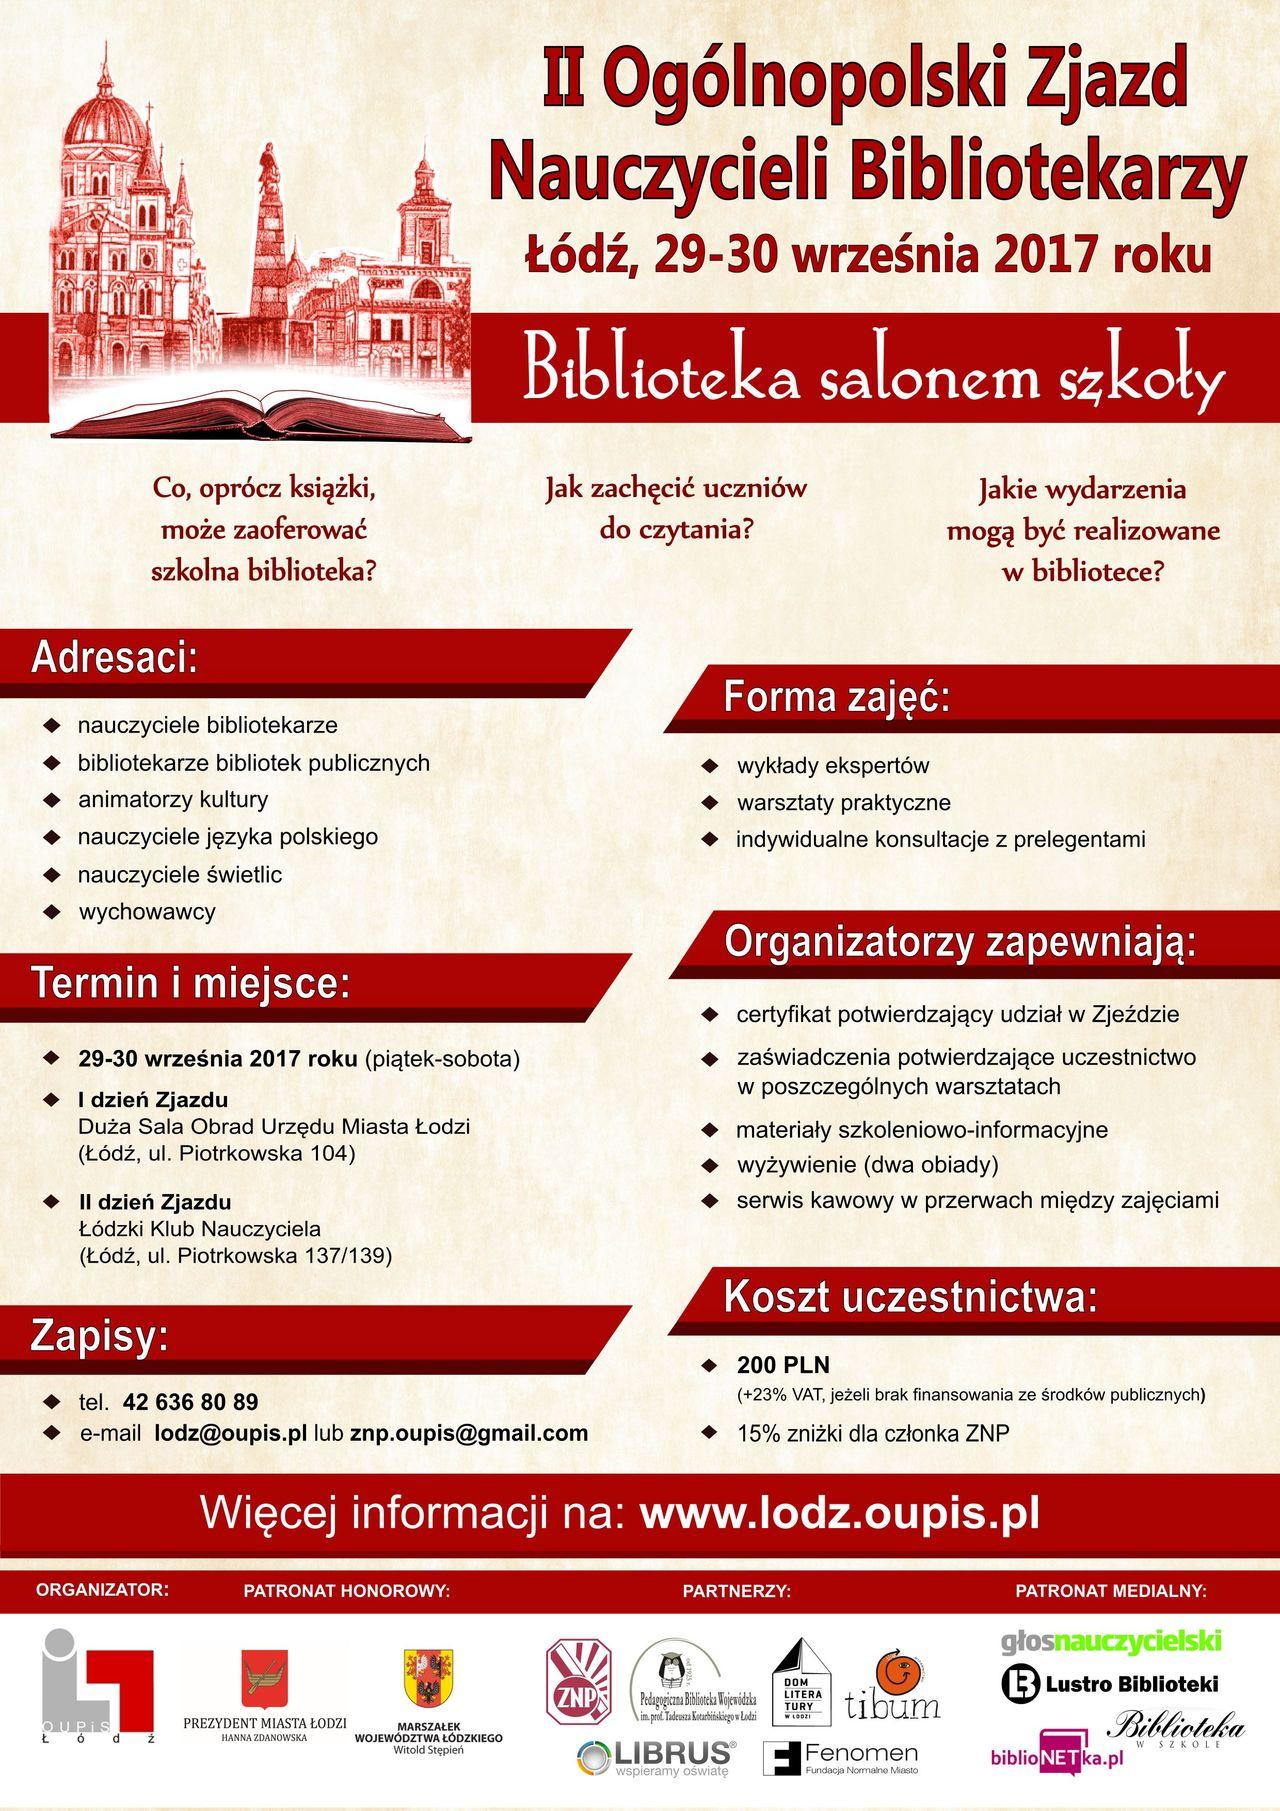 Ogólnopolski-Zjazd-Nauczycieli-Bibliotekarzy